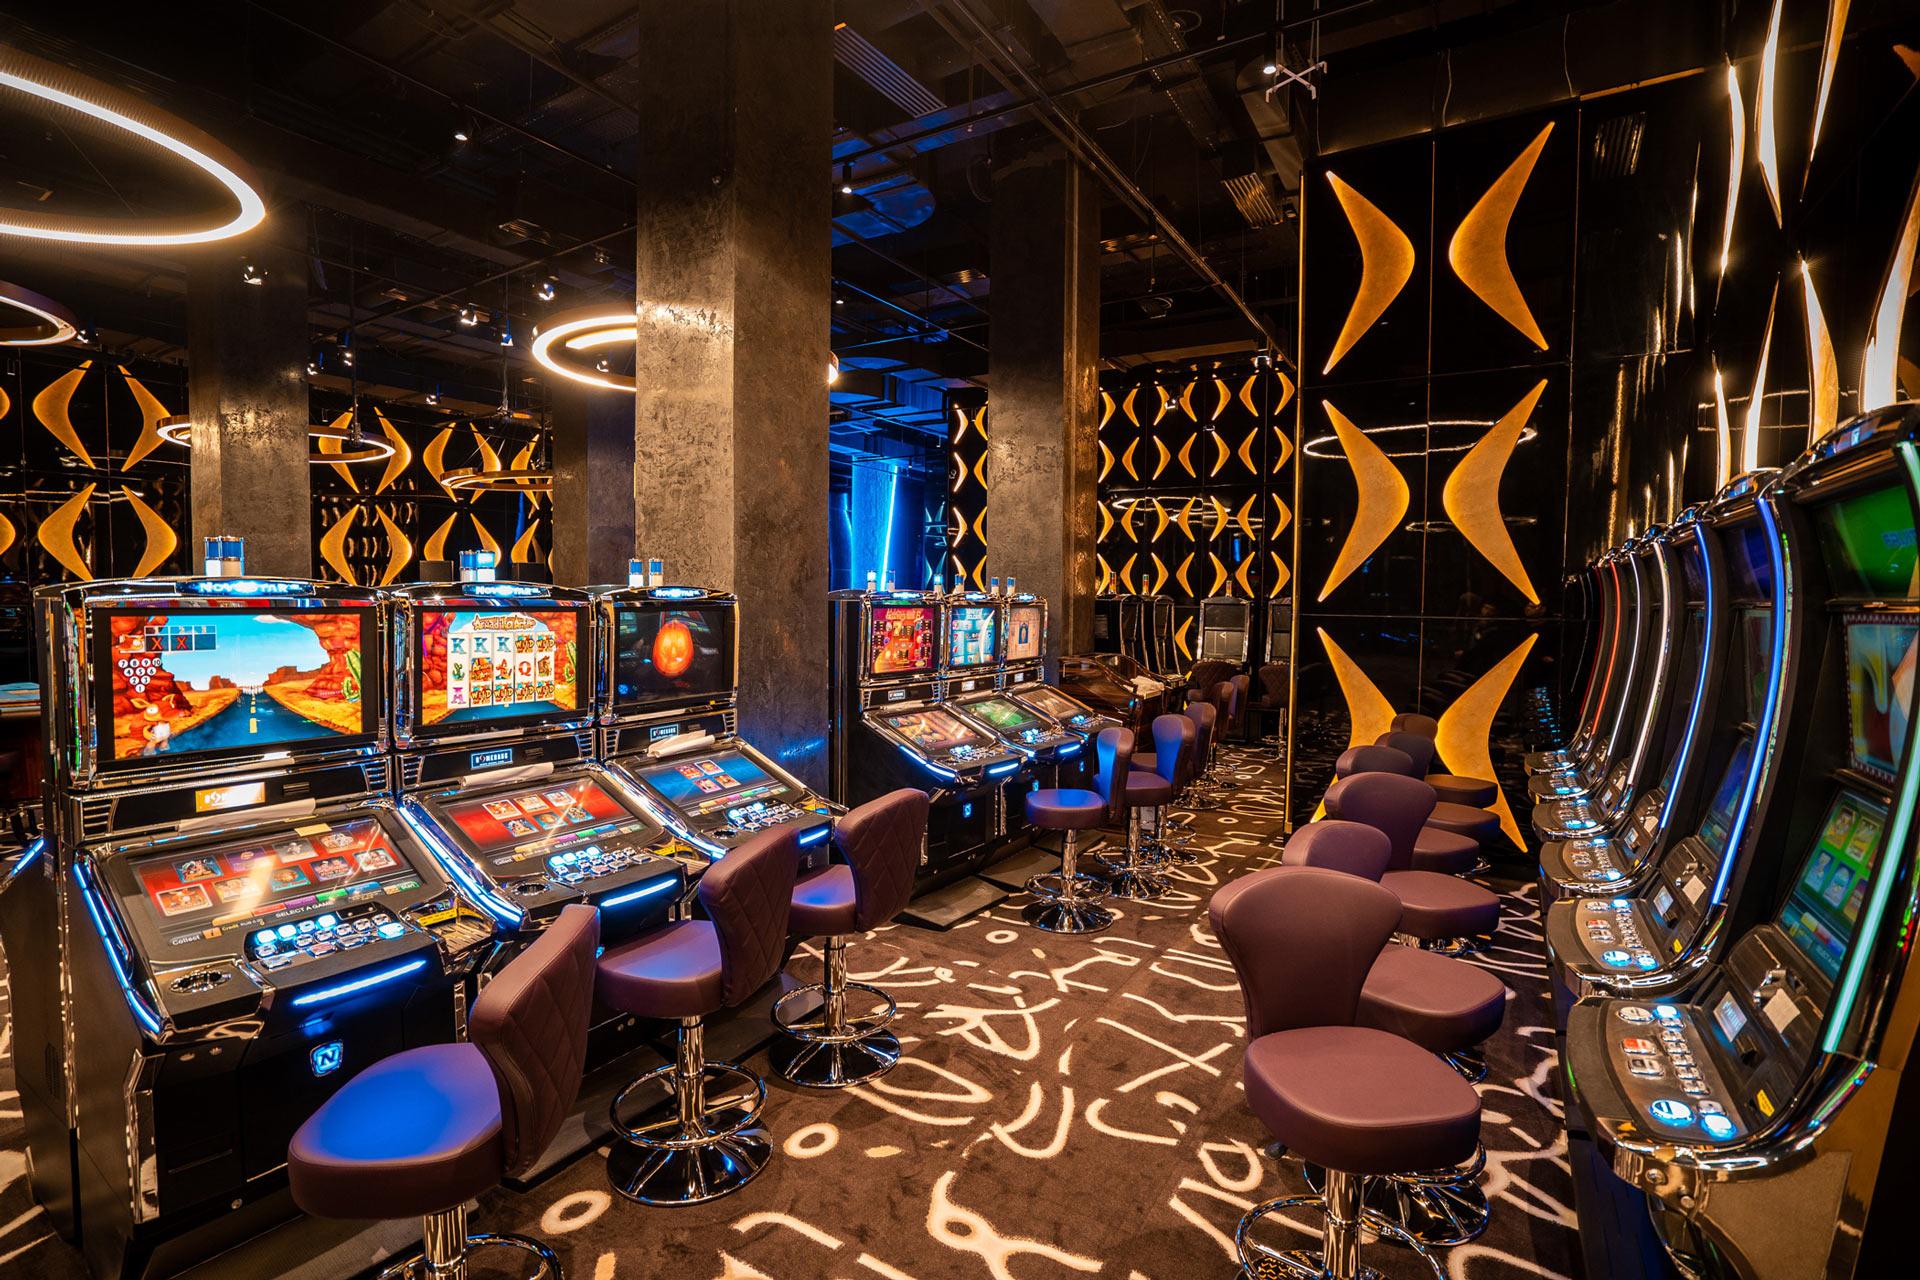 Казино новое в сочи играть бесплатно в игровые автоматы.гаминатор